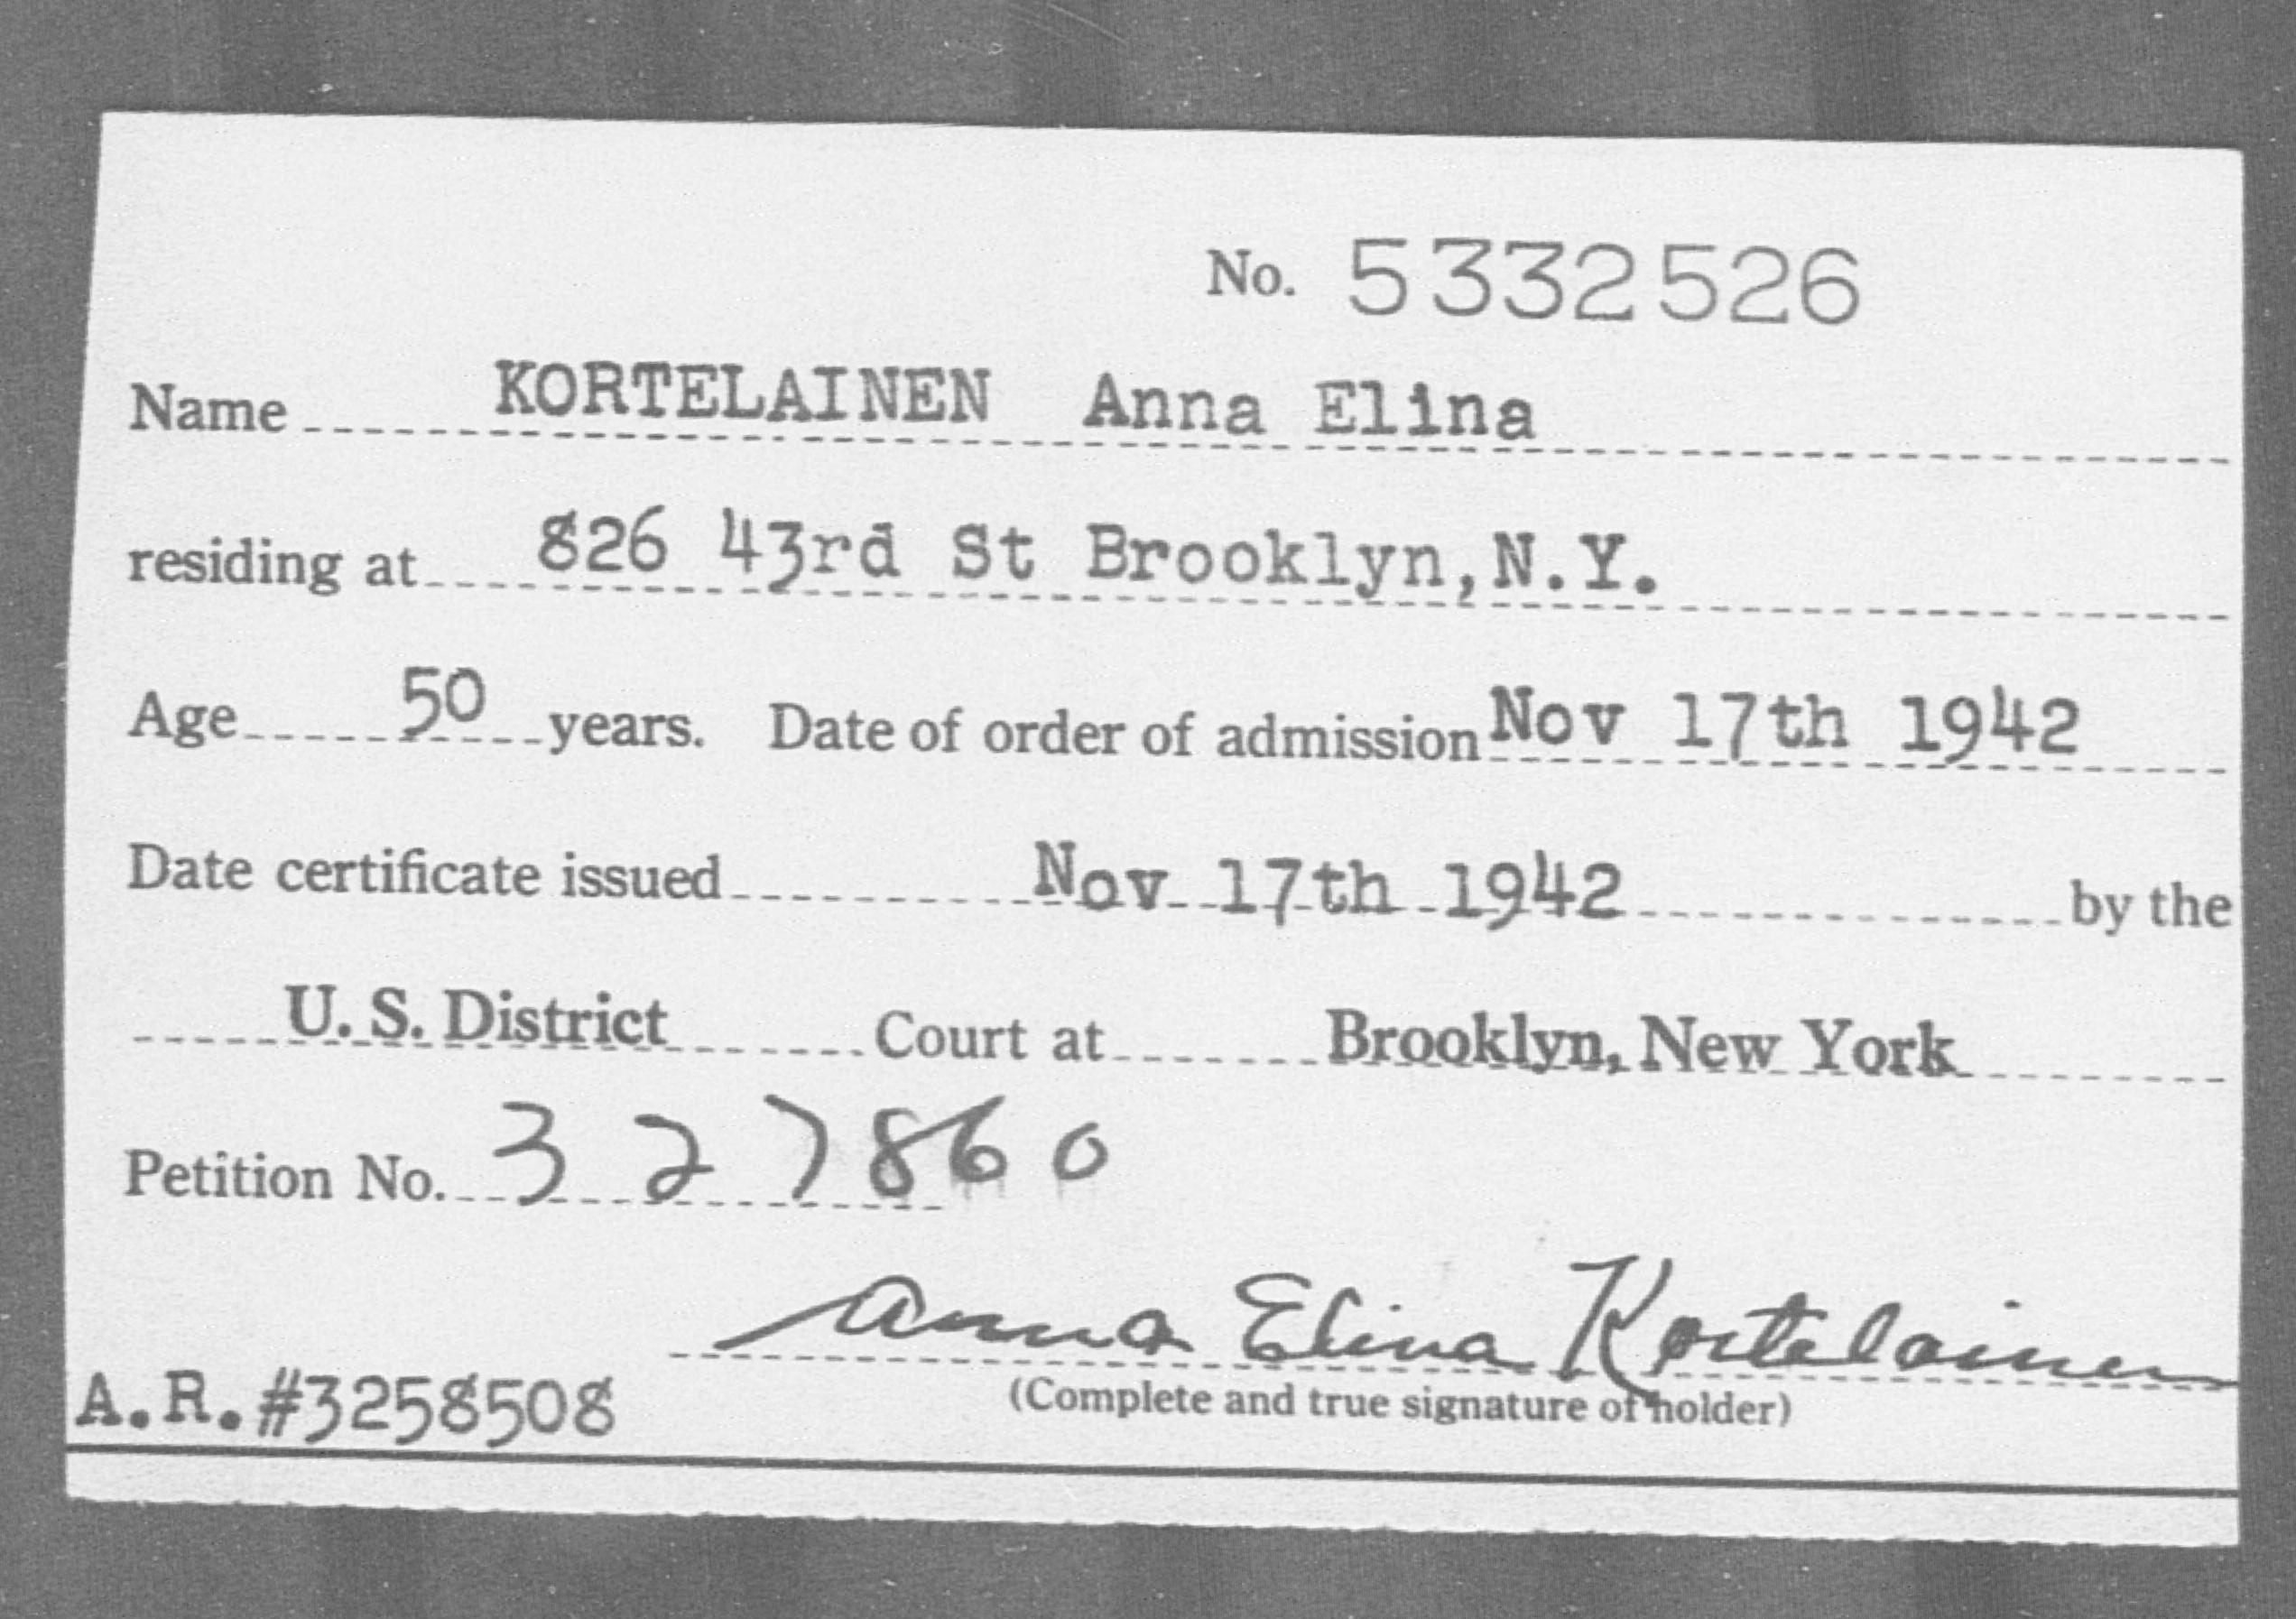 KORTELAINEN Anna Elina - Born: [BLANK], Naturalized: 1942